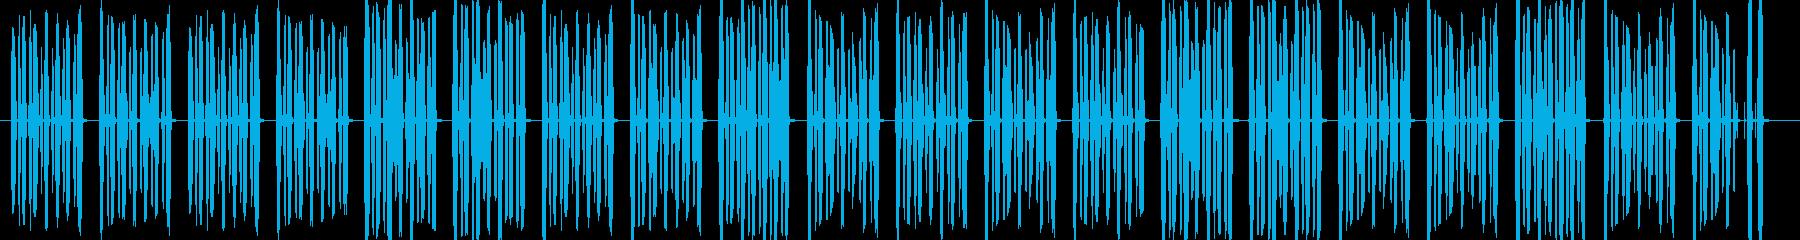 ほのぼのした可愛らしいイメージですの再生済みの波形